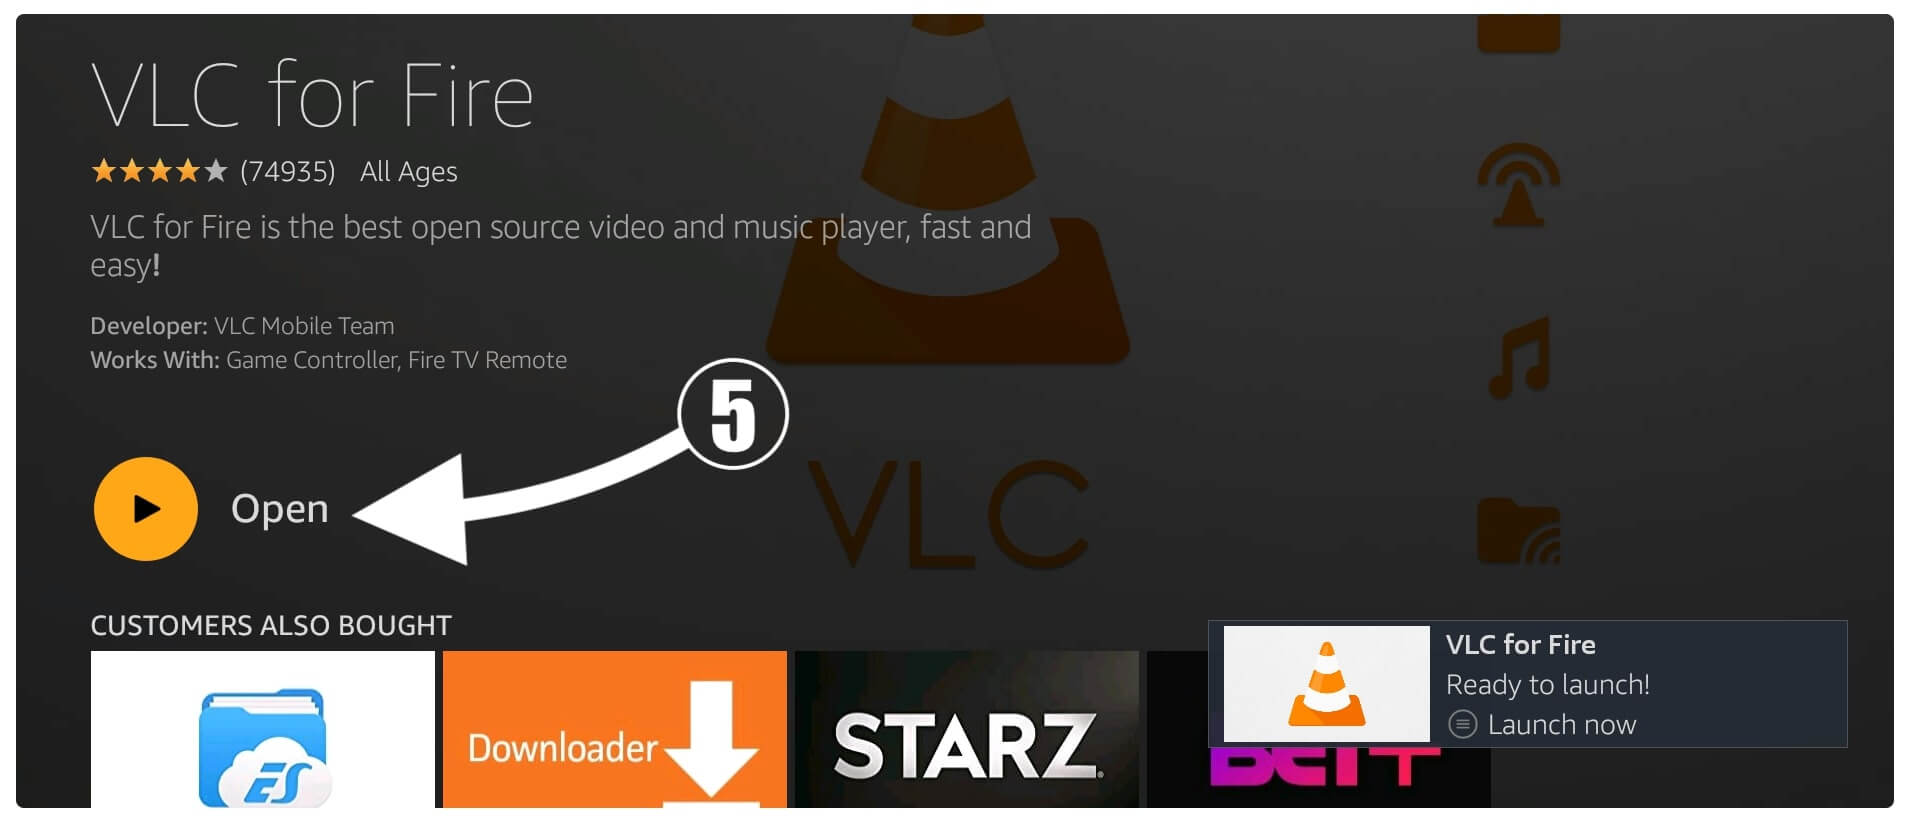 Install-VLC-Player-on-Firestick